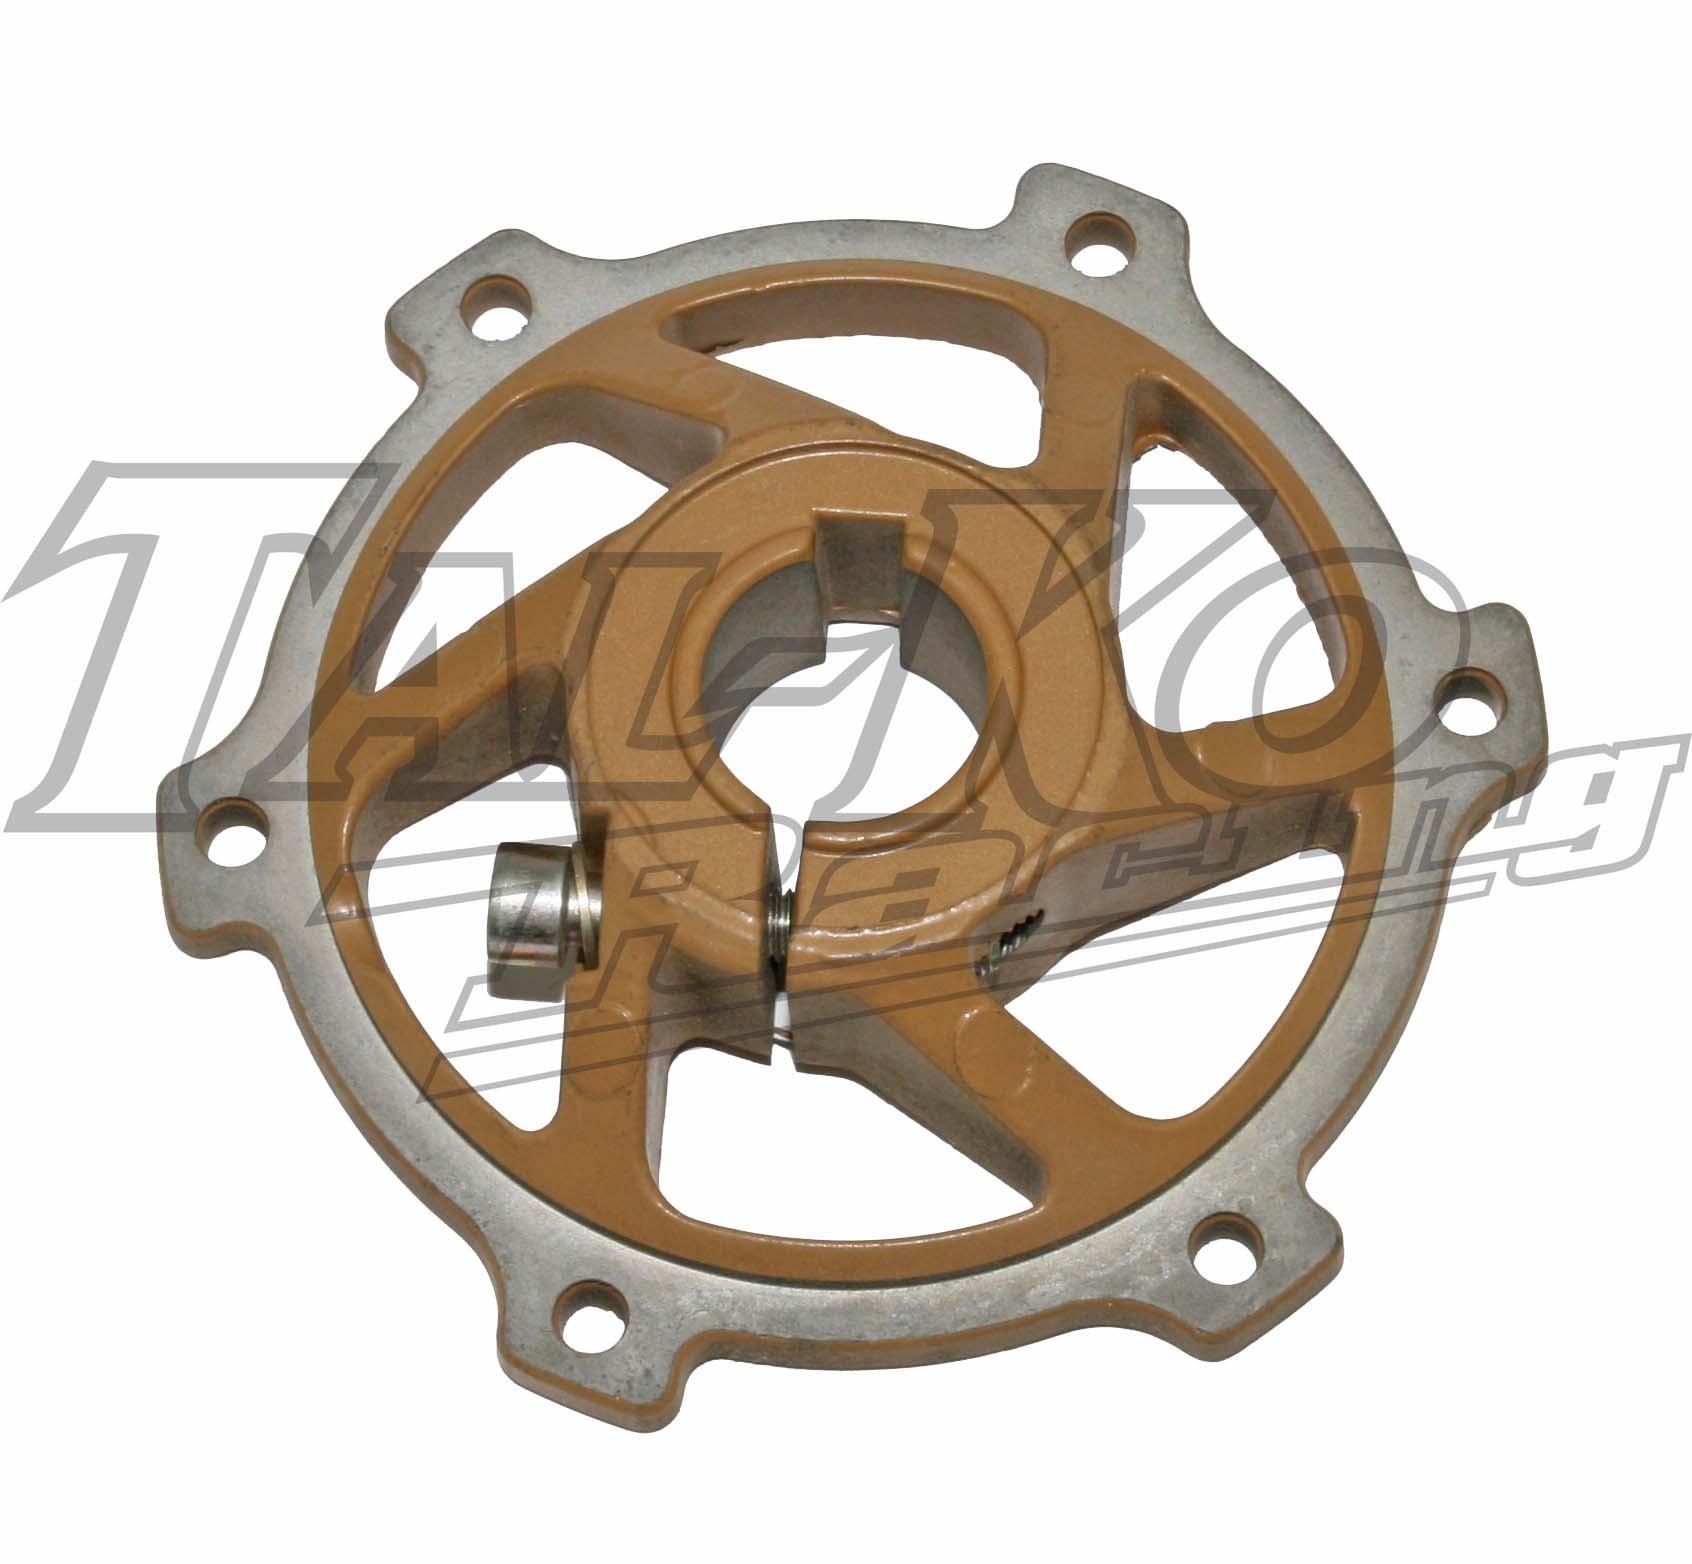 CRG SPROCKET CARRIER 30mm MAG